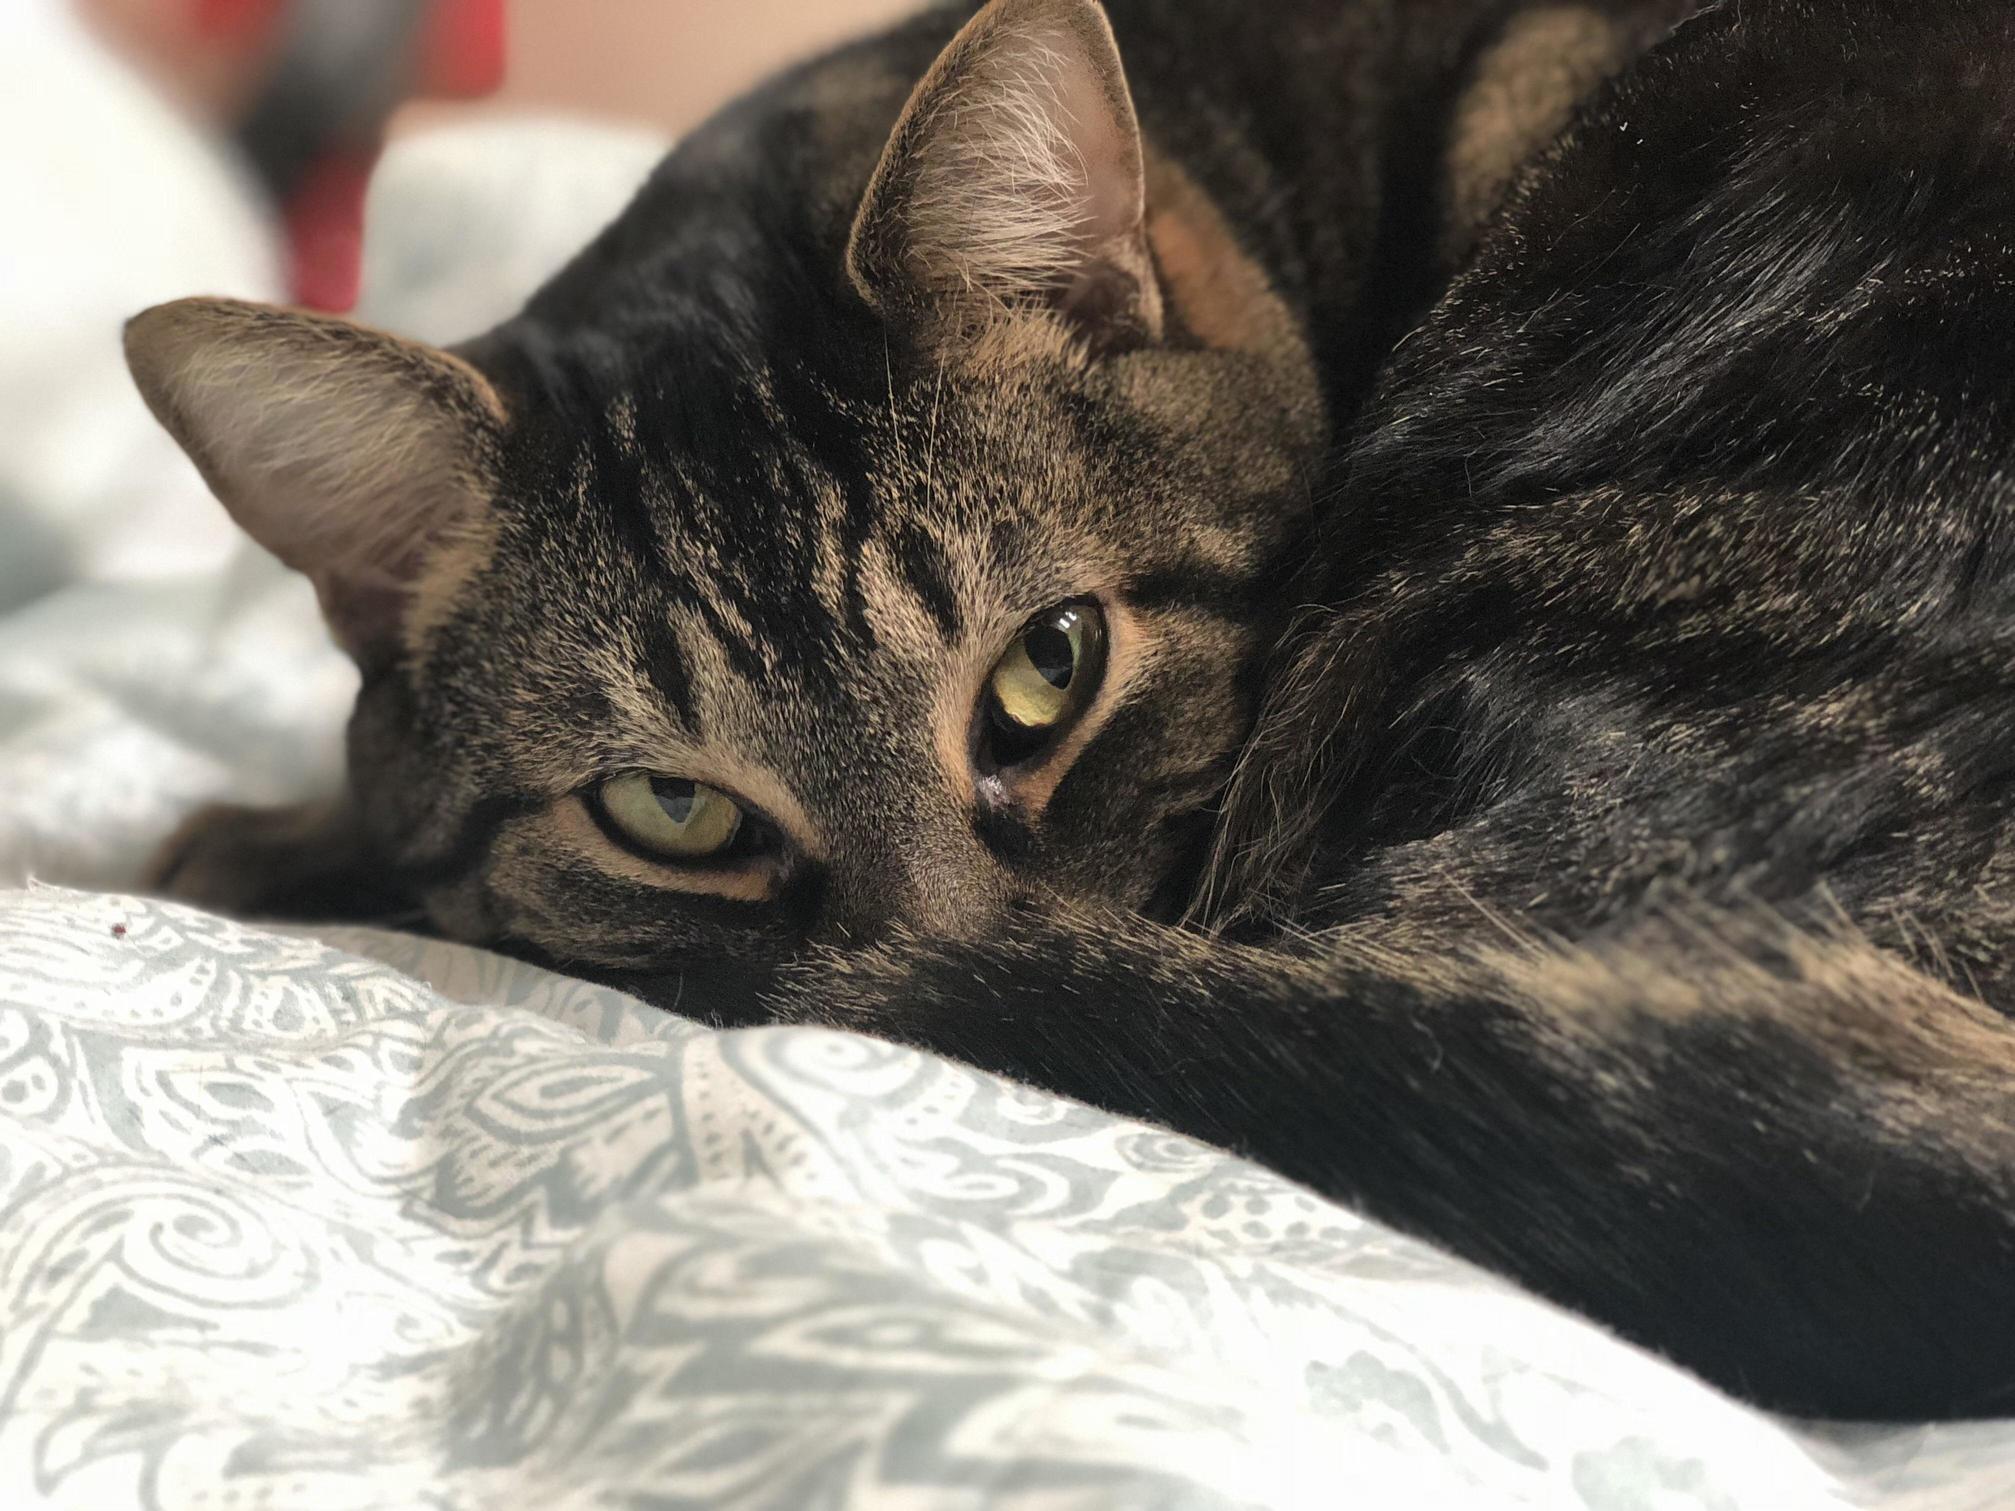 My kitty loki!